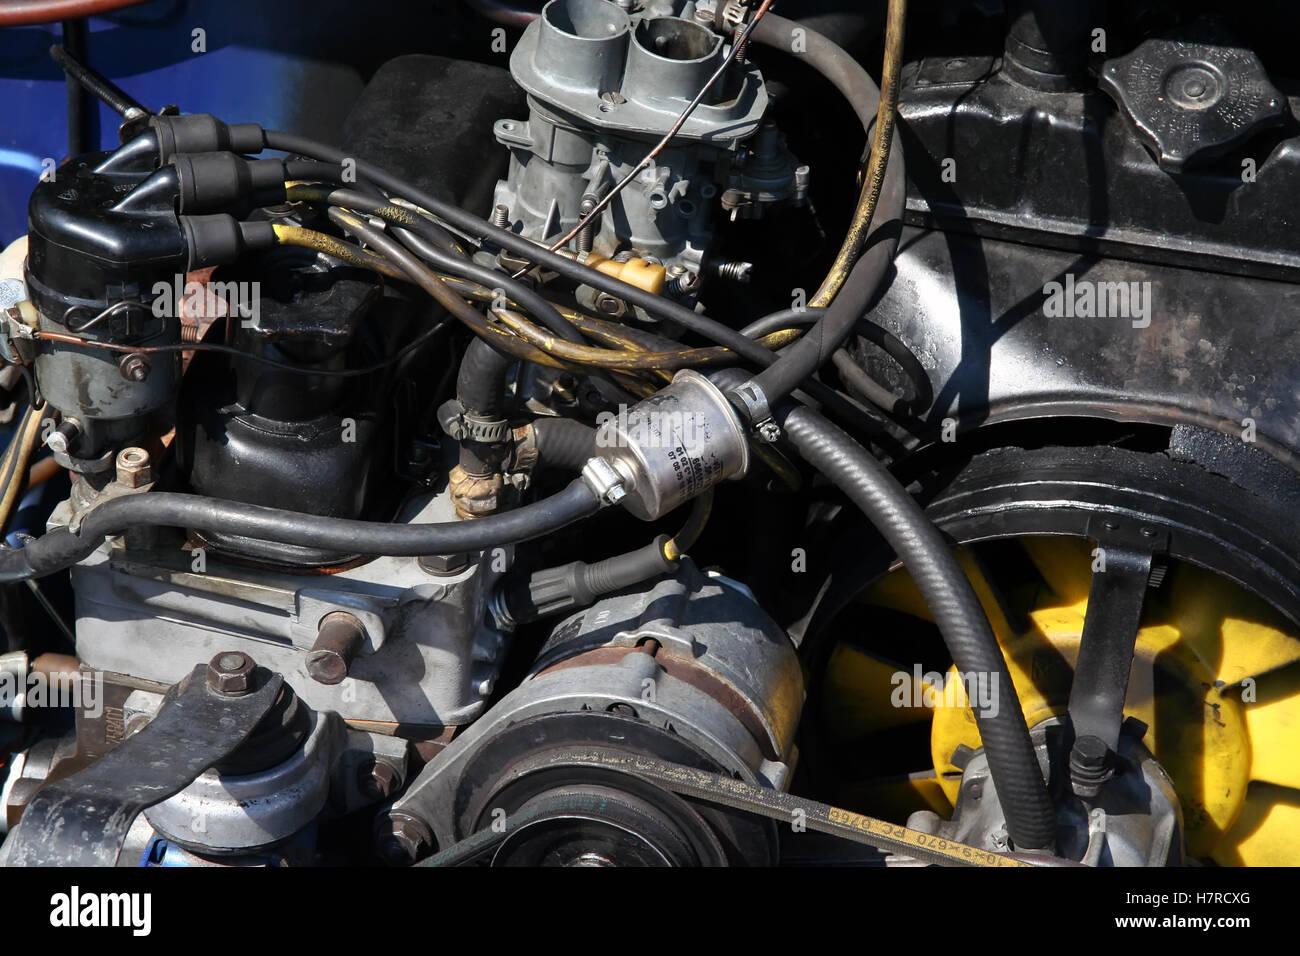 Old car engine. Old gasoline fueled engine. Oldtimer engine. Turbo ...